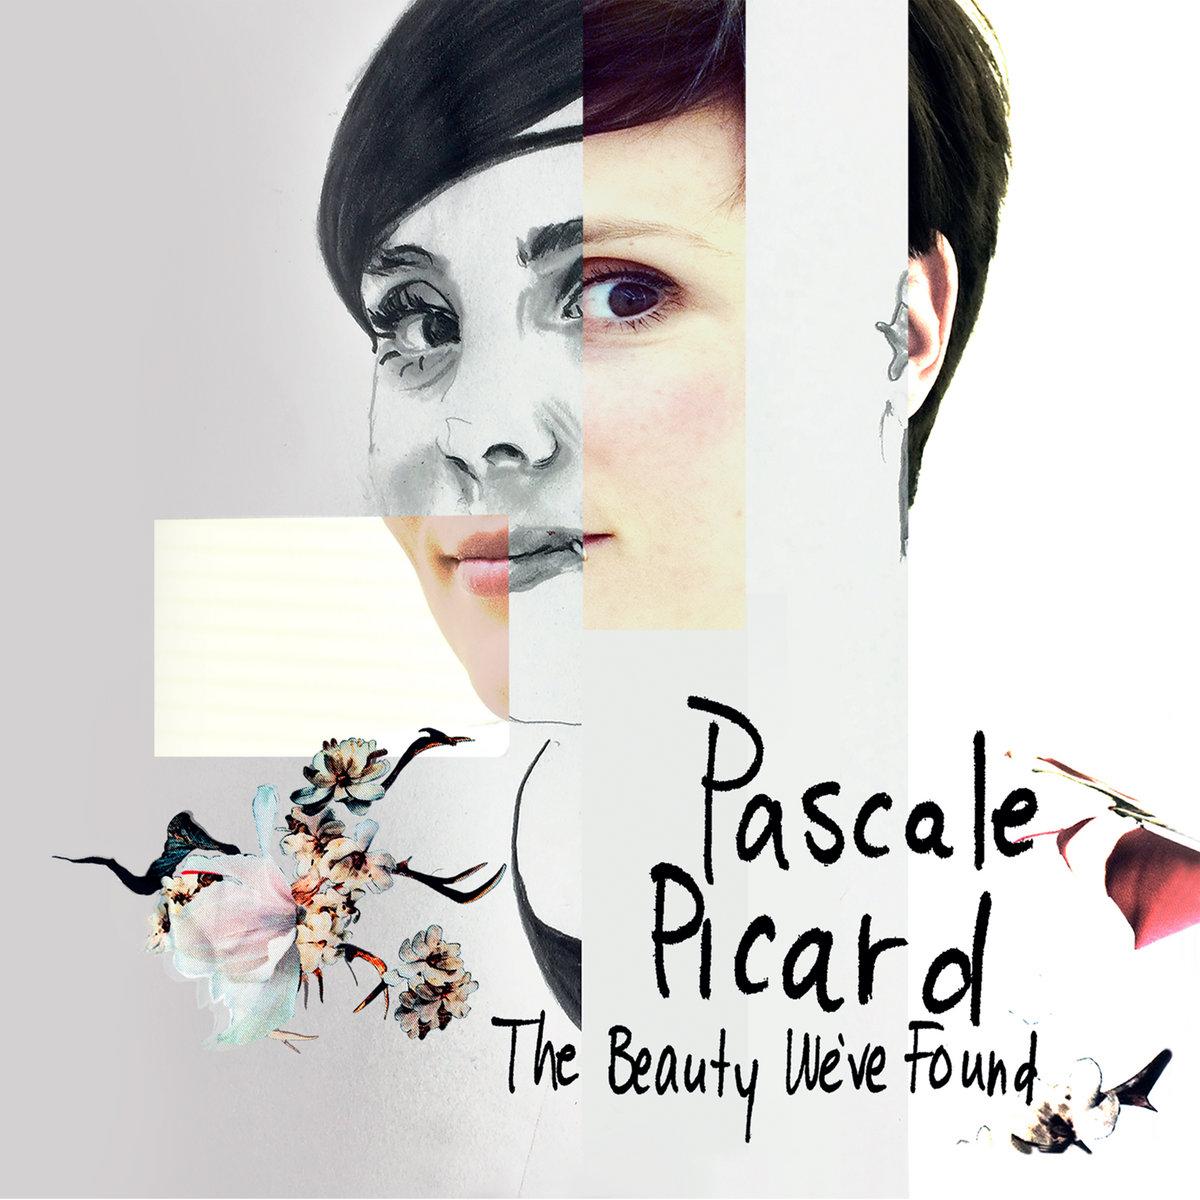 Résultats de recherche d'images pour «PASCALE PICARD»